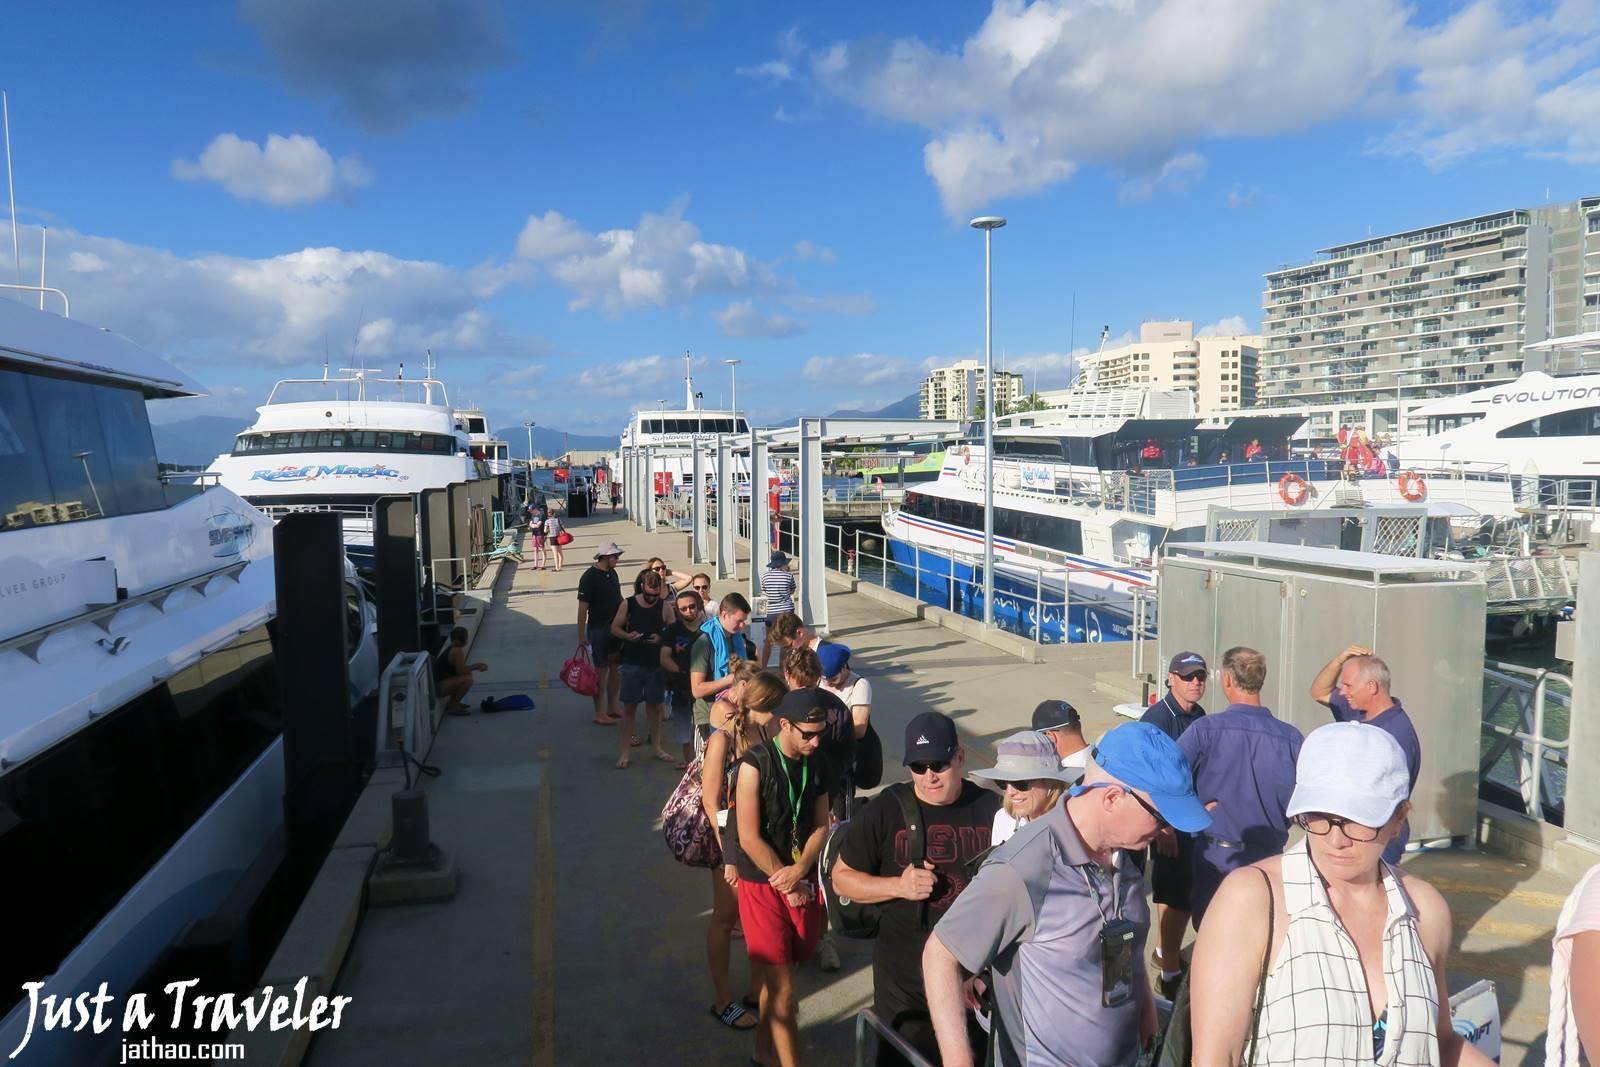 凱恩斯-港口-大堡礁-外堡礁-推薦-公司-行程-旅遊-自由行-澳洲-Cairns-Outer-Great-Barrier-Reef-Travel-Australia